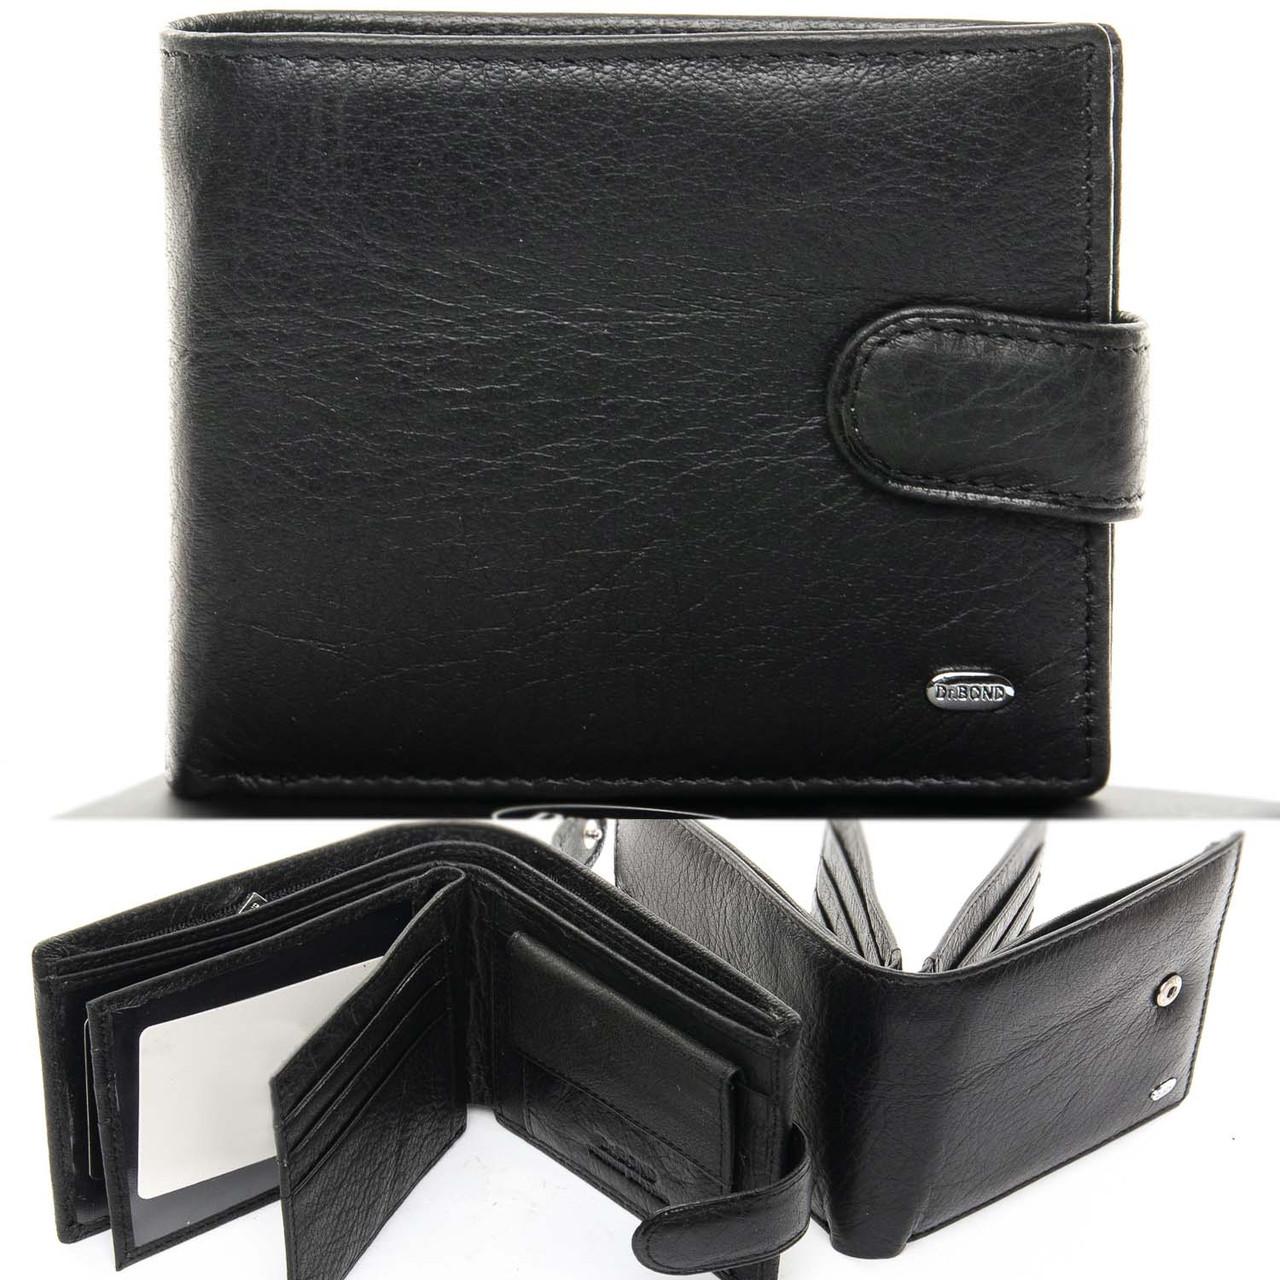 Кожаный мужской кошелек портмоне DR.BOND M18055-1 black